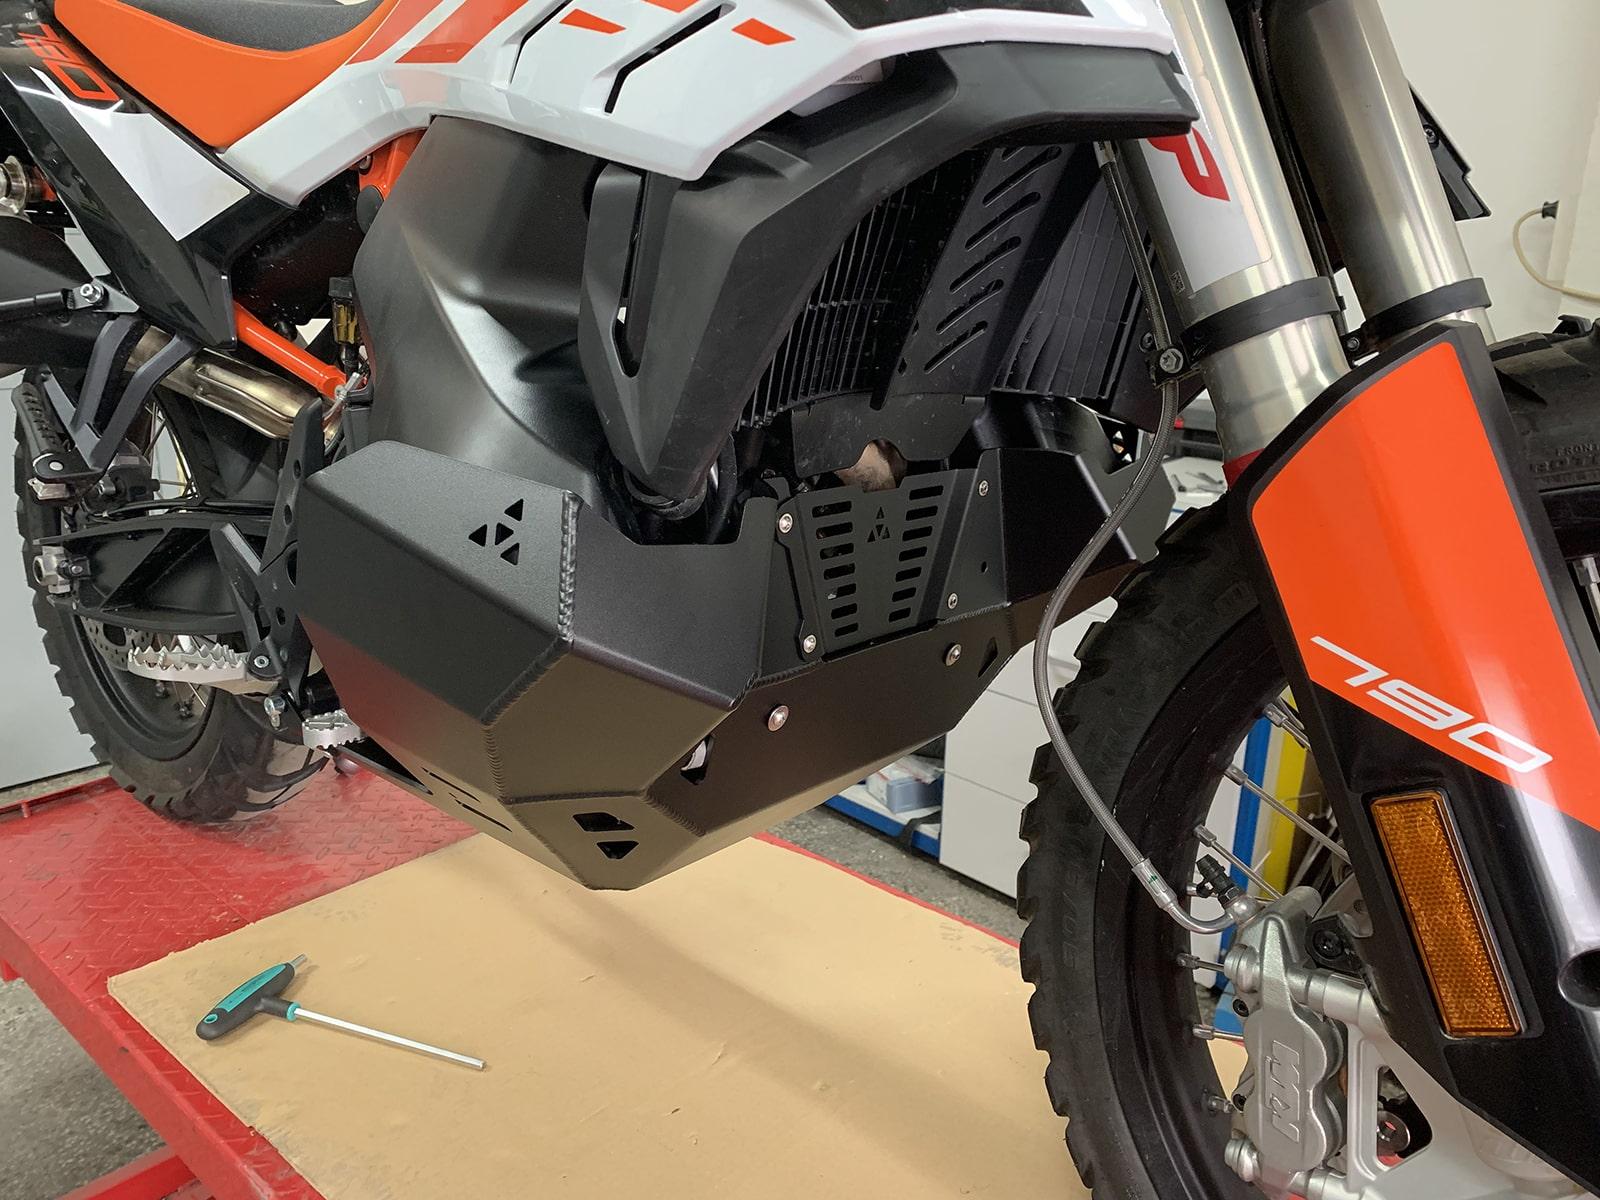 Engine skid plate for KTM790/890